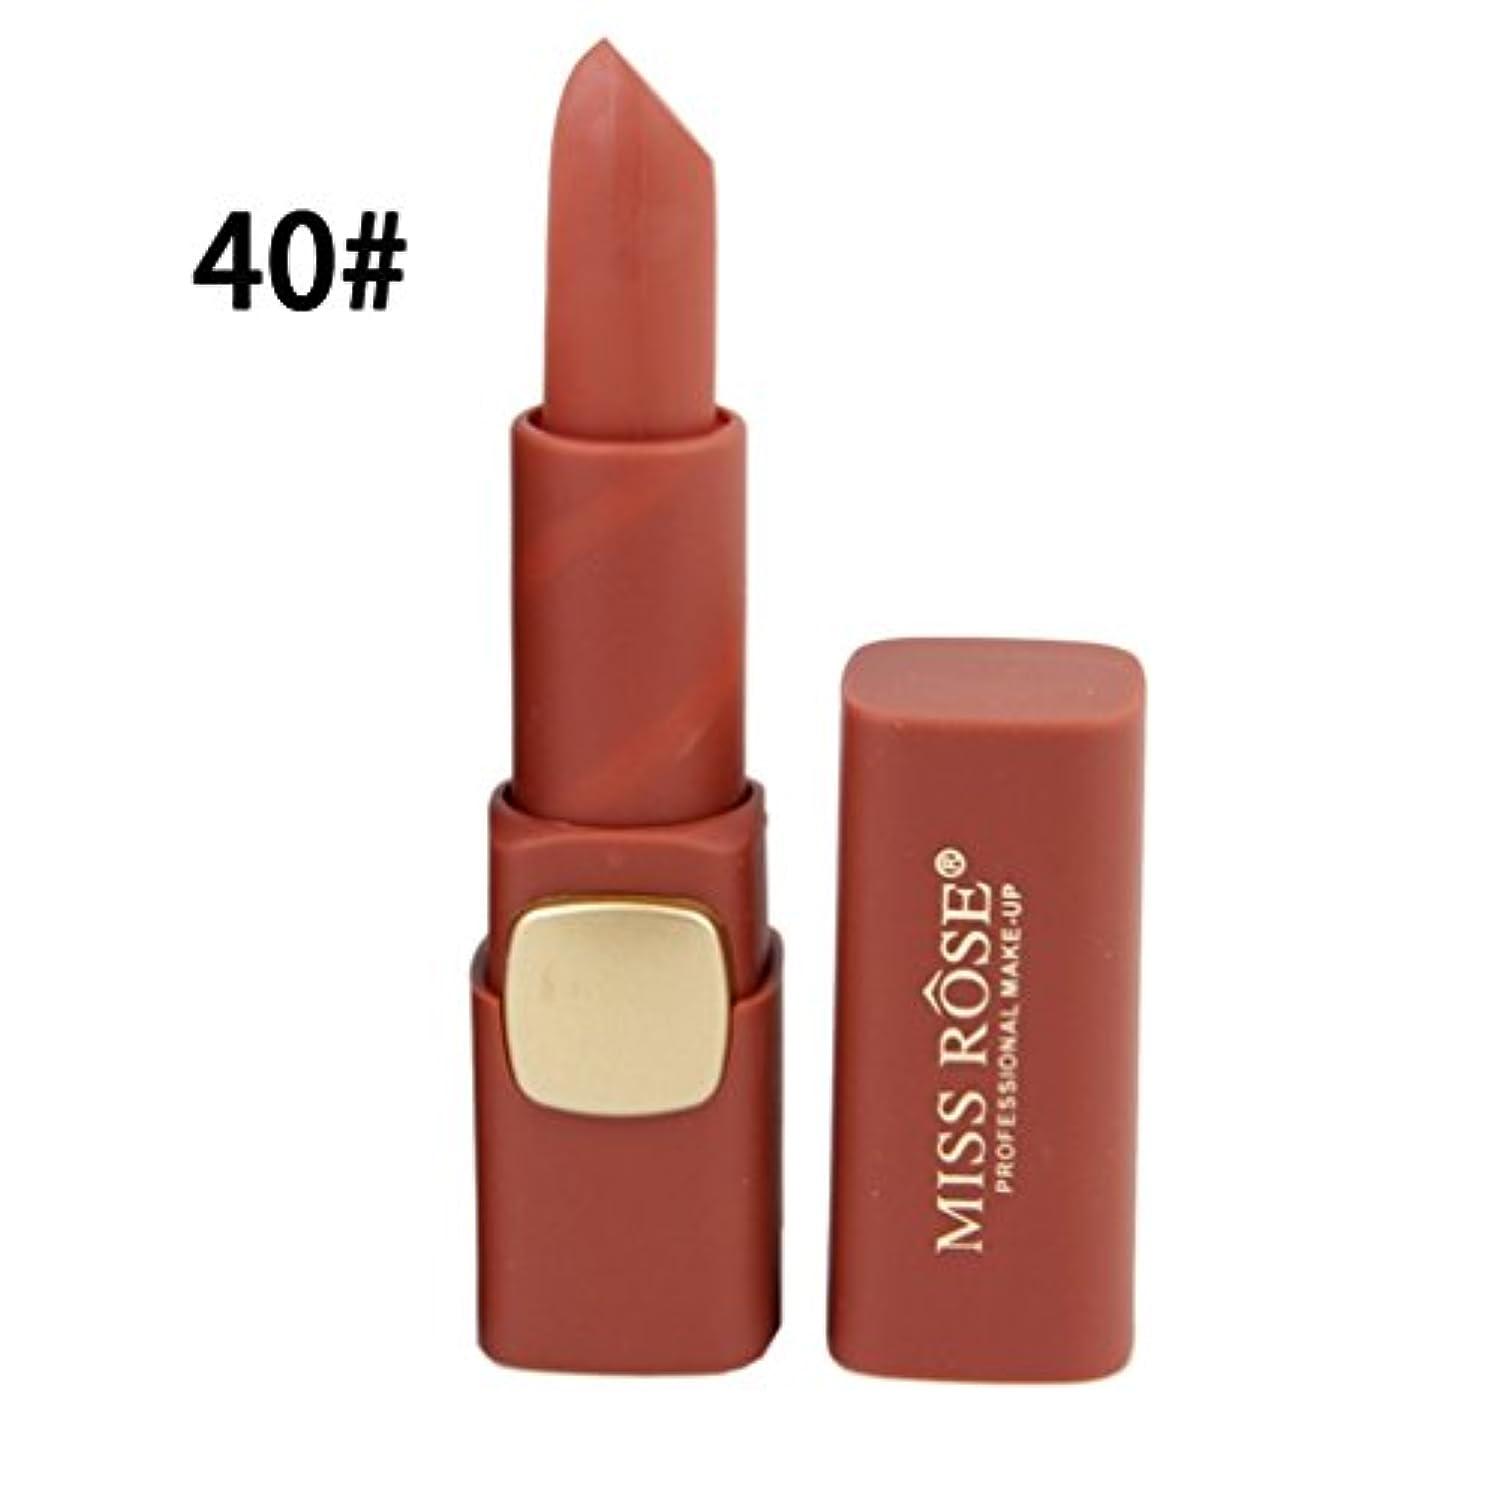 不変ハンマーハンマーリップスティックロングラスティング女性の唇のメイクアップ口紅を着用するコンパクトサイズのマットリップスティック防水栄養簡単